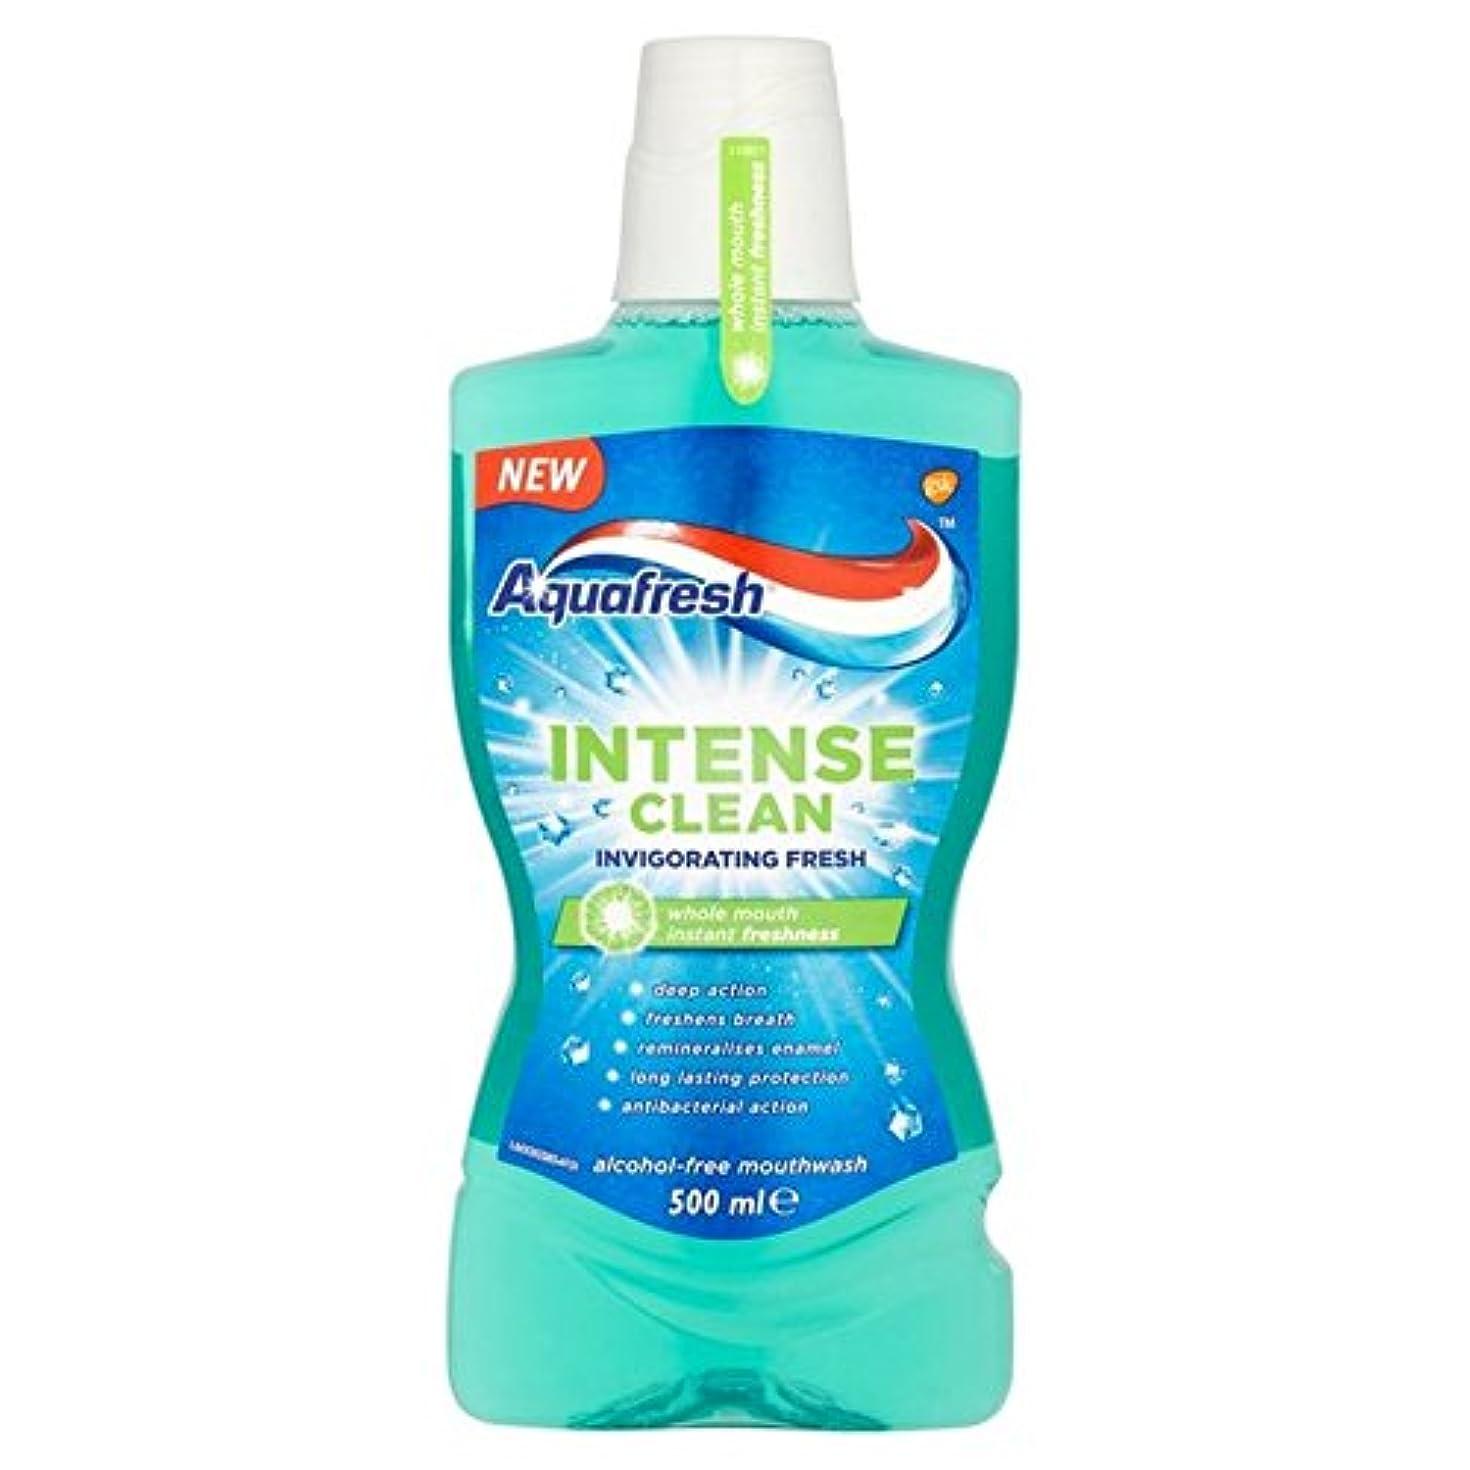 酔っ払い割り当て仮称アクアフレッシュ強烈なきれいな爽快ウォッシュ500ミリリットル x2 - Aquafresh Intense Clean Invigorating Wash 500ml (Pack of 2) [並行輸入品]